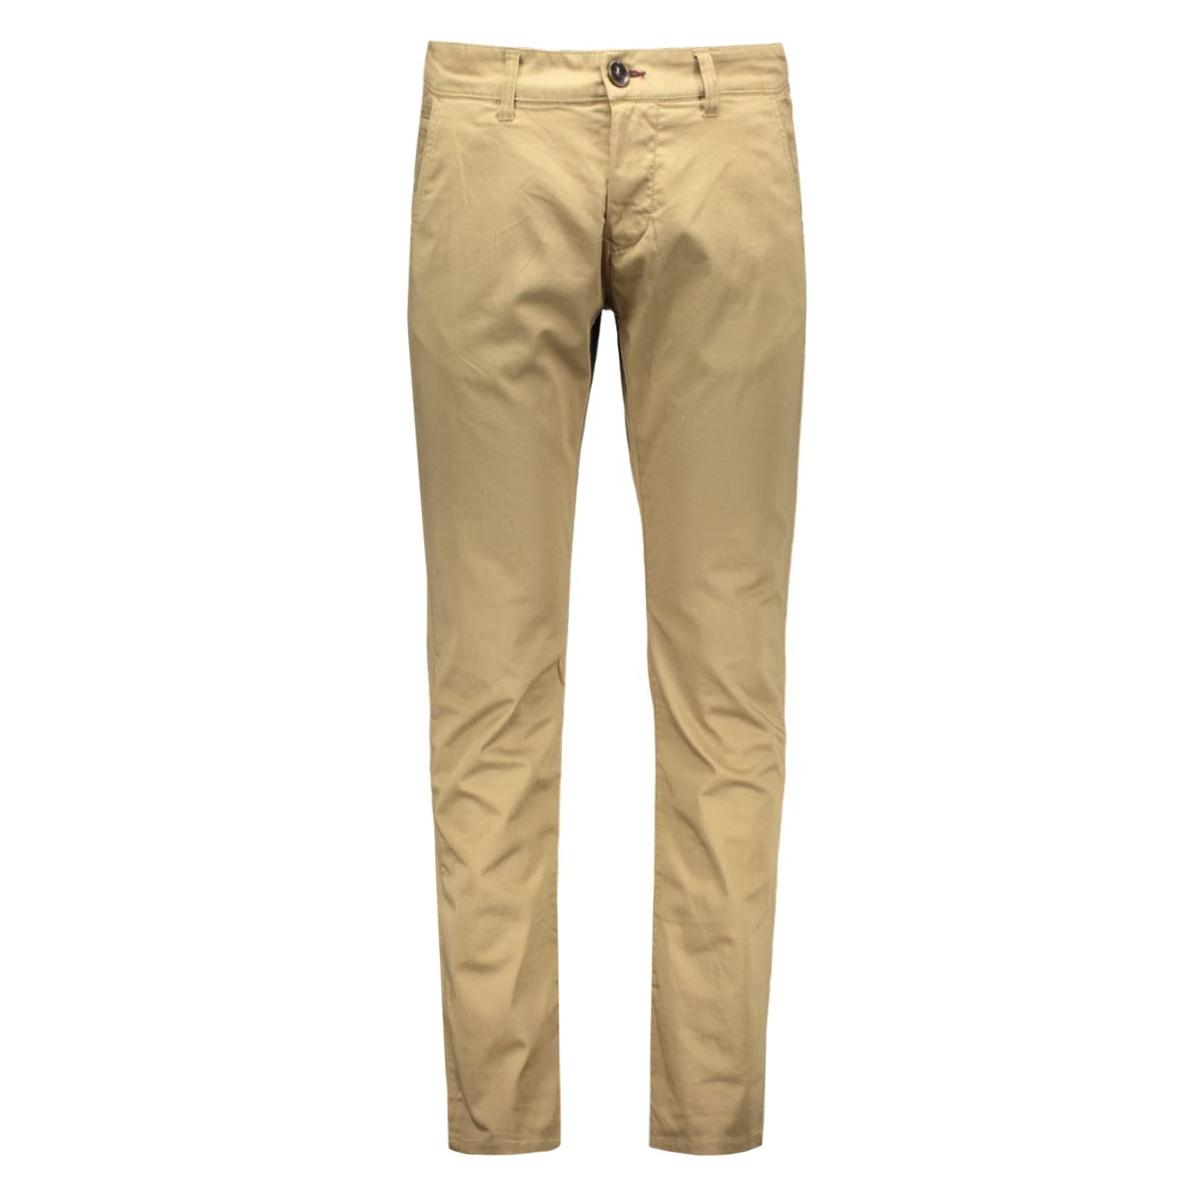 6404653.09.10 tom tailor broek 8443